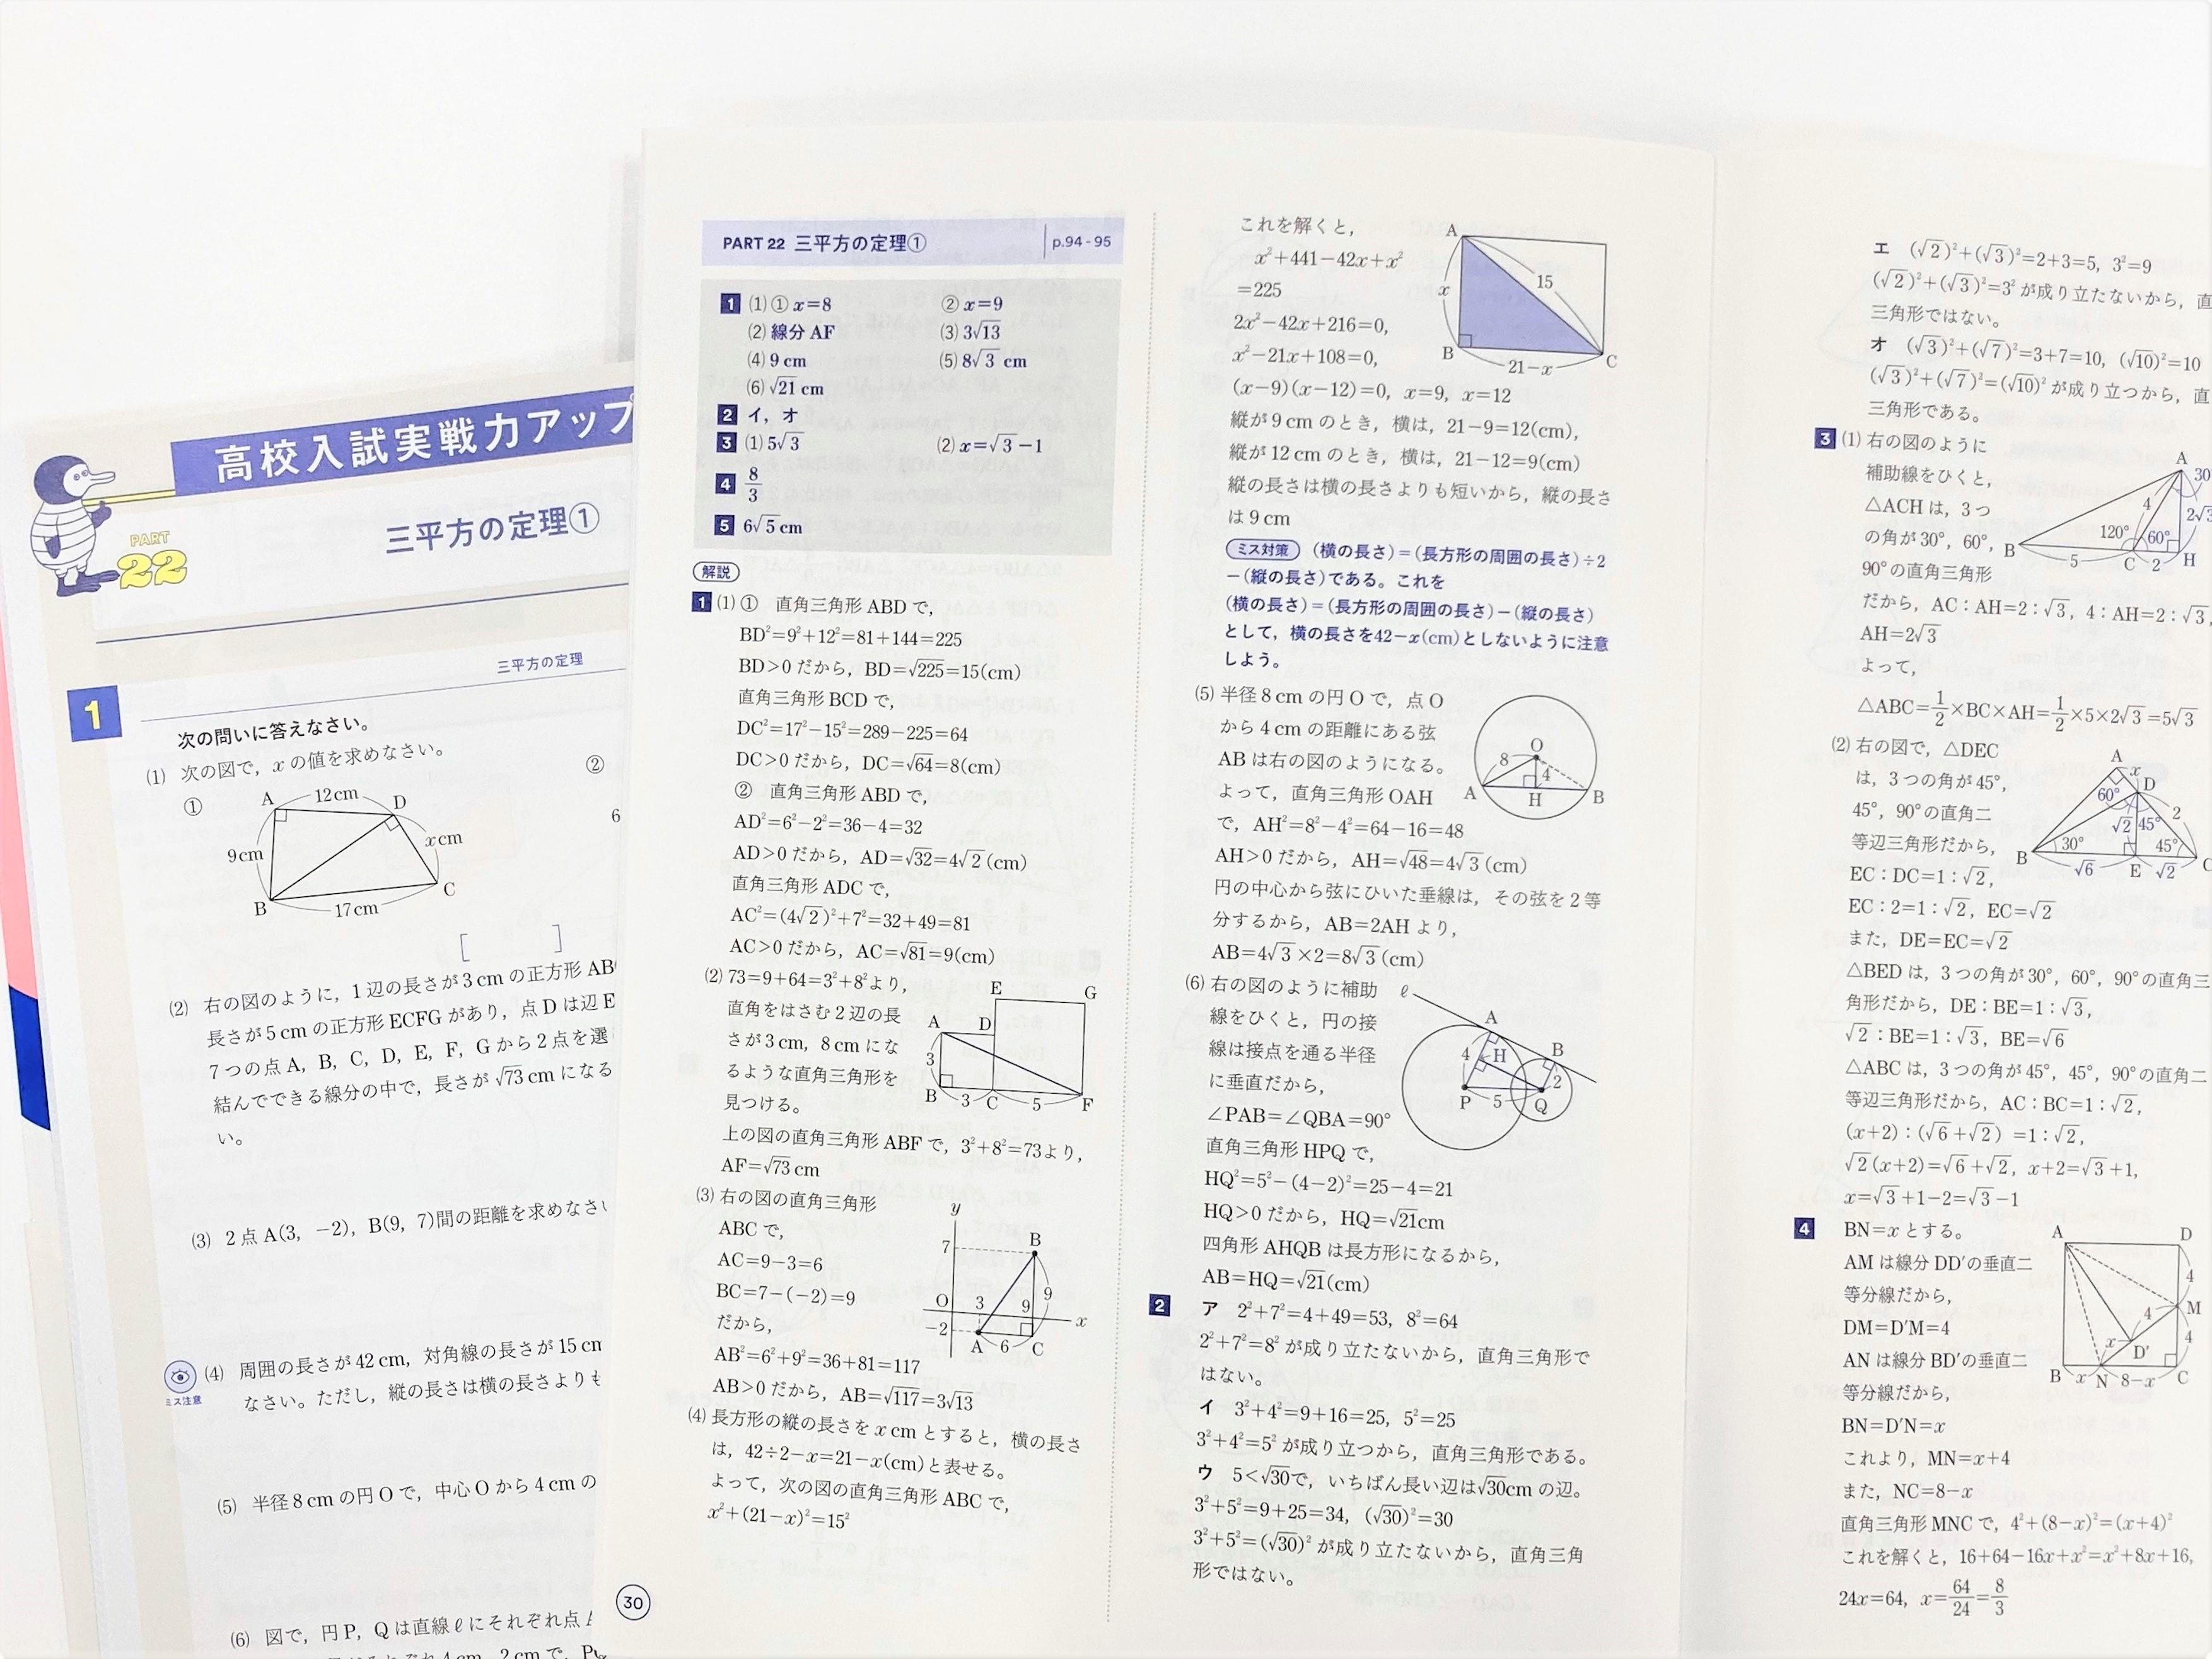 「別冊解答 数学」紙面